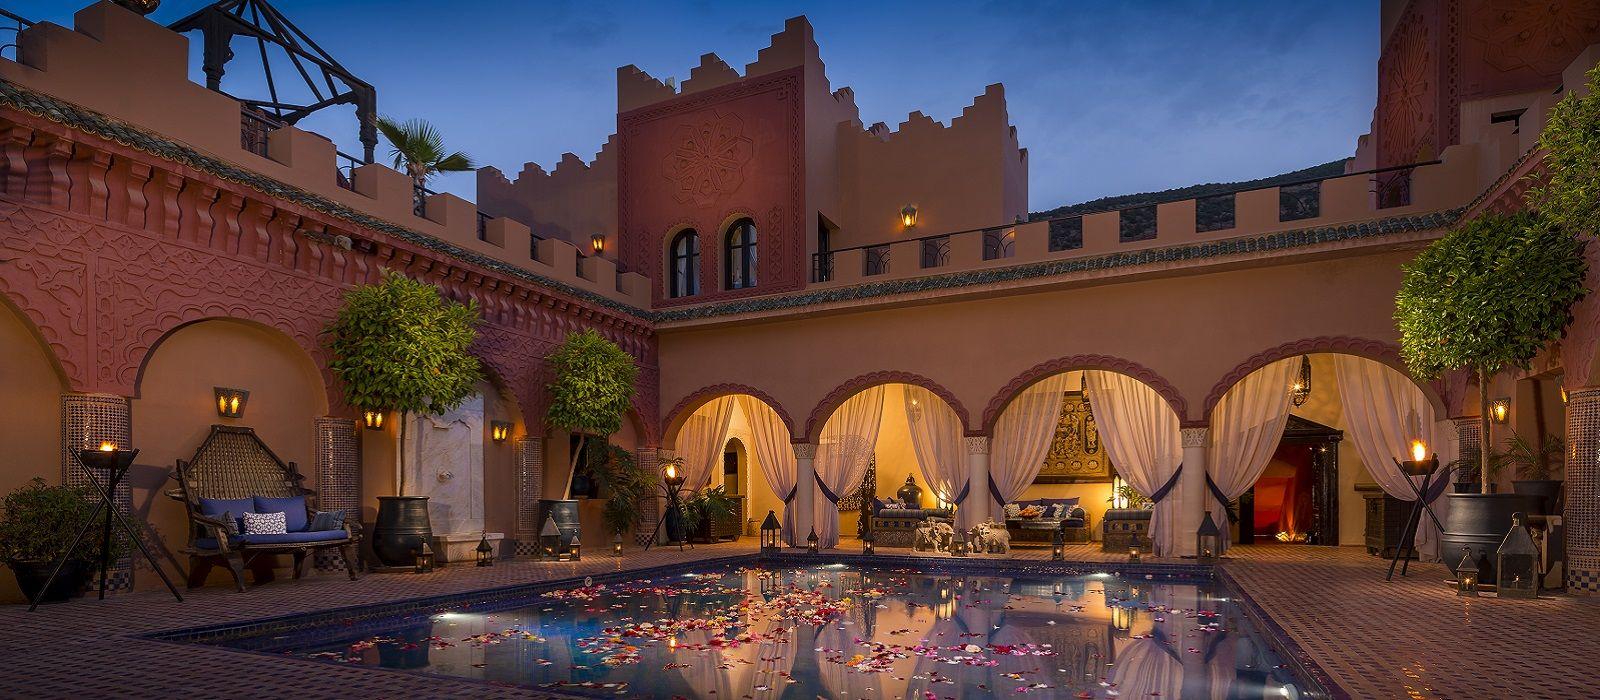 Hotel Kasbah Tamadot Morocco